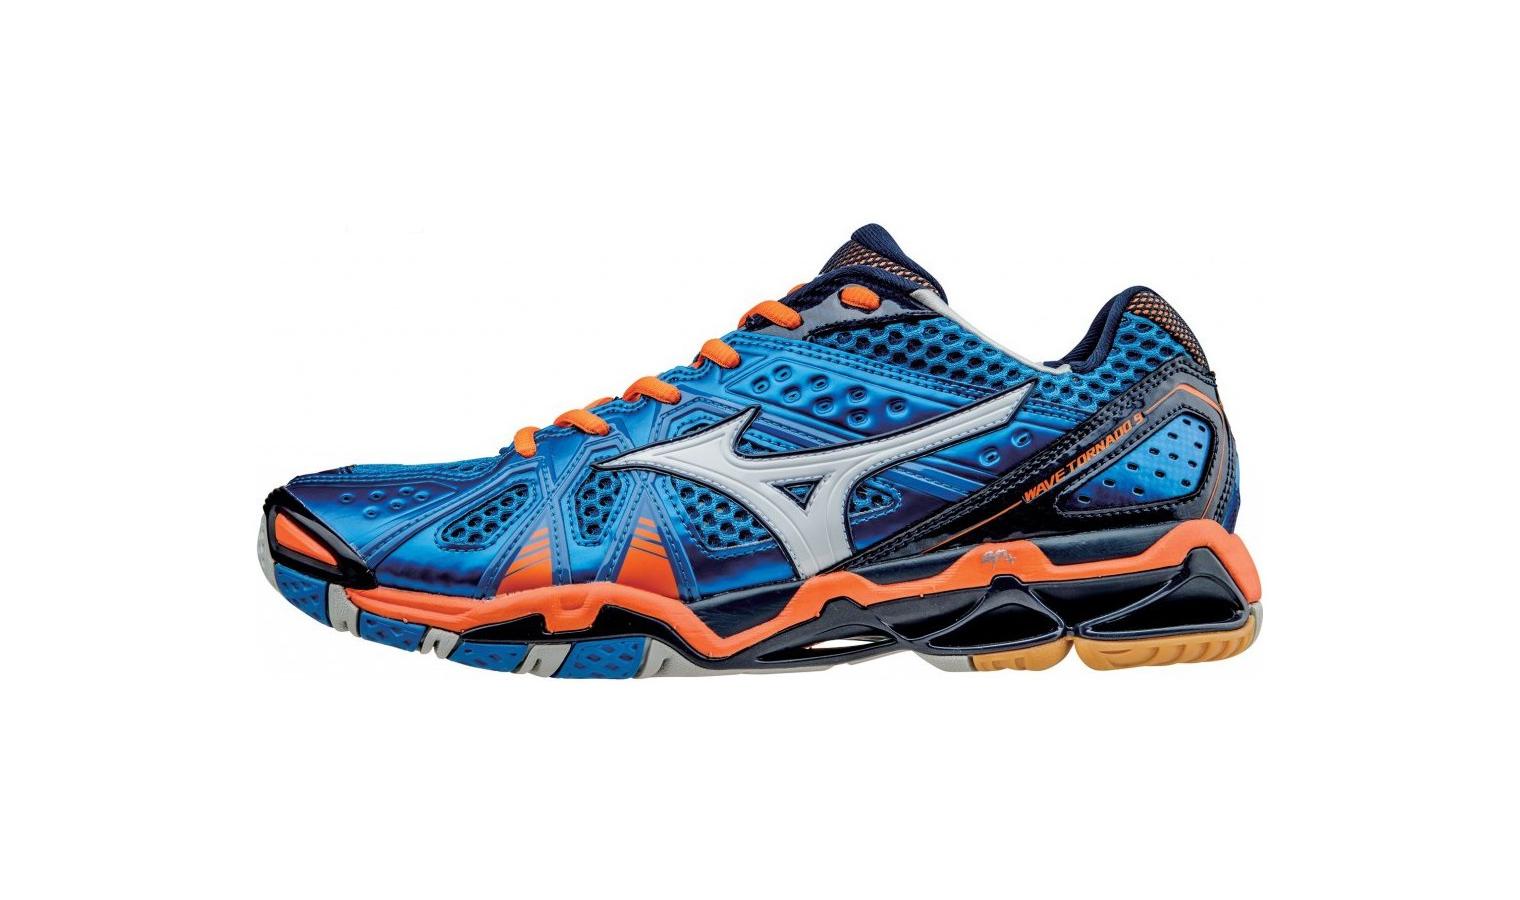 c28d2e00e7e Pánské sálové boty Mizuno WAVE TORNADO 9 modré   oranžové